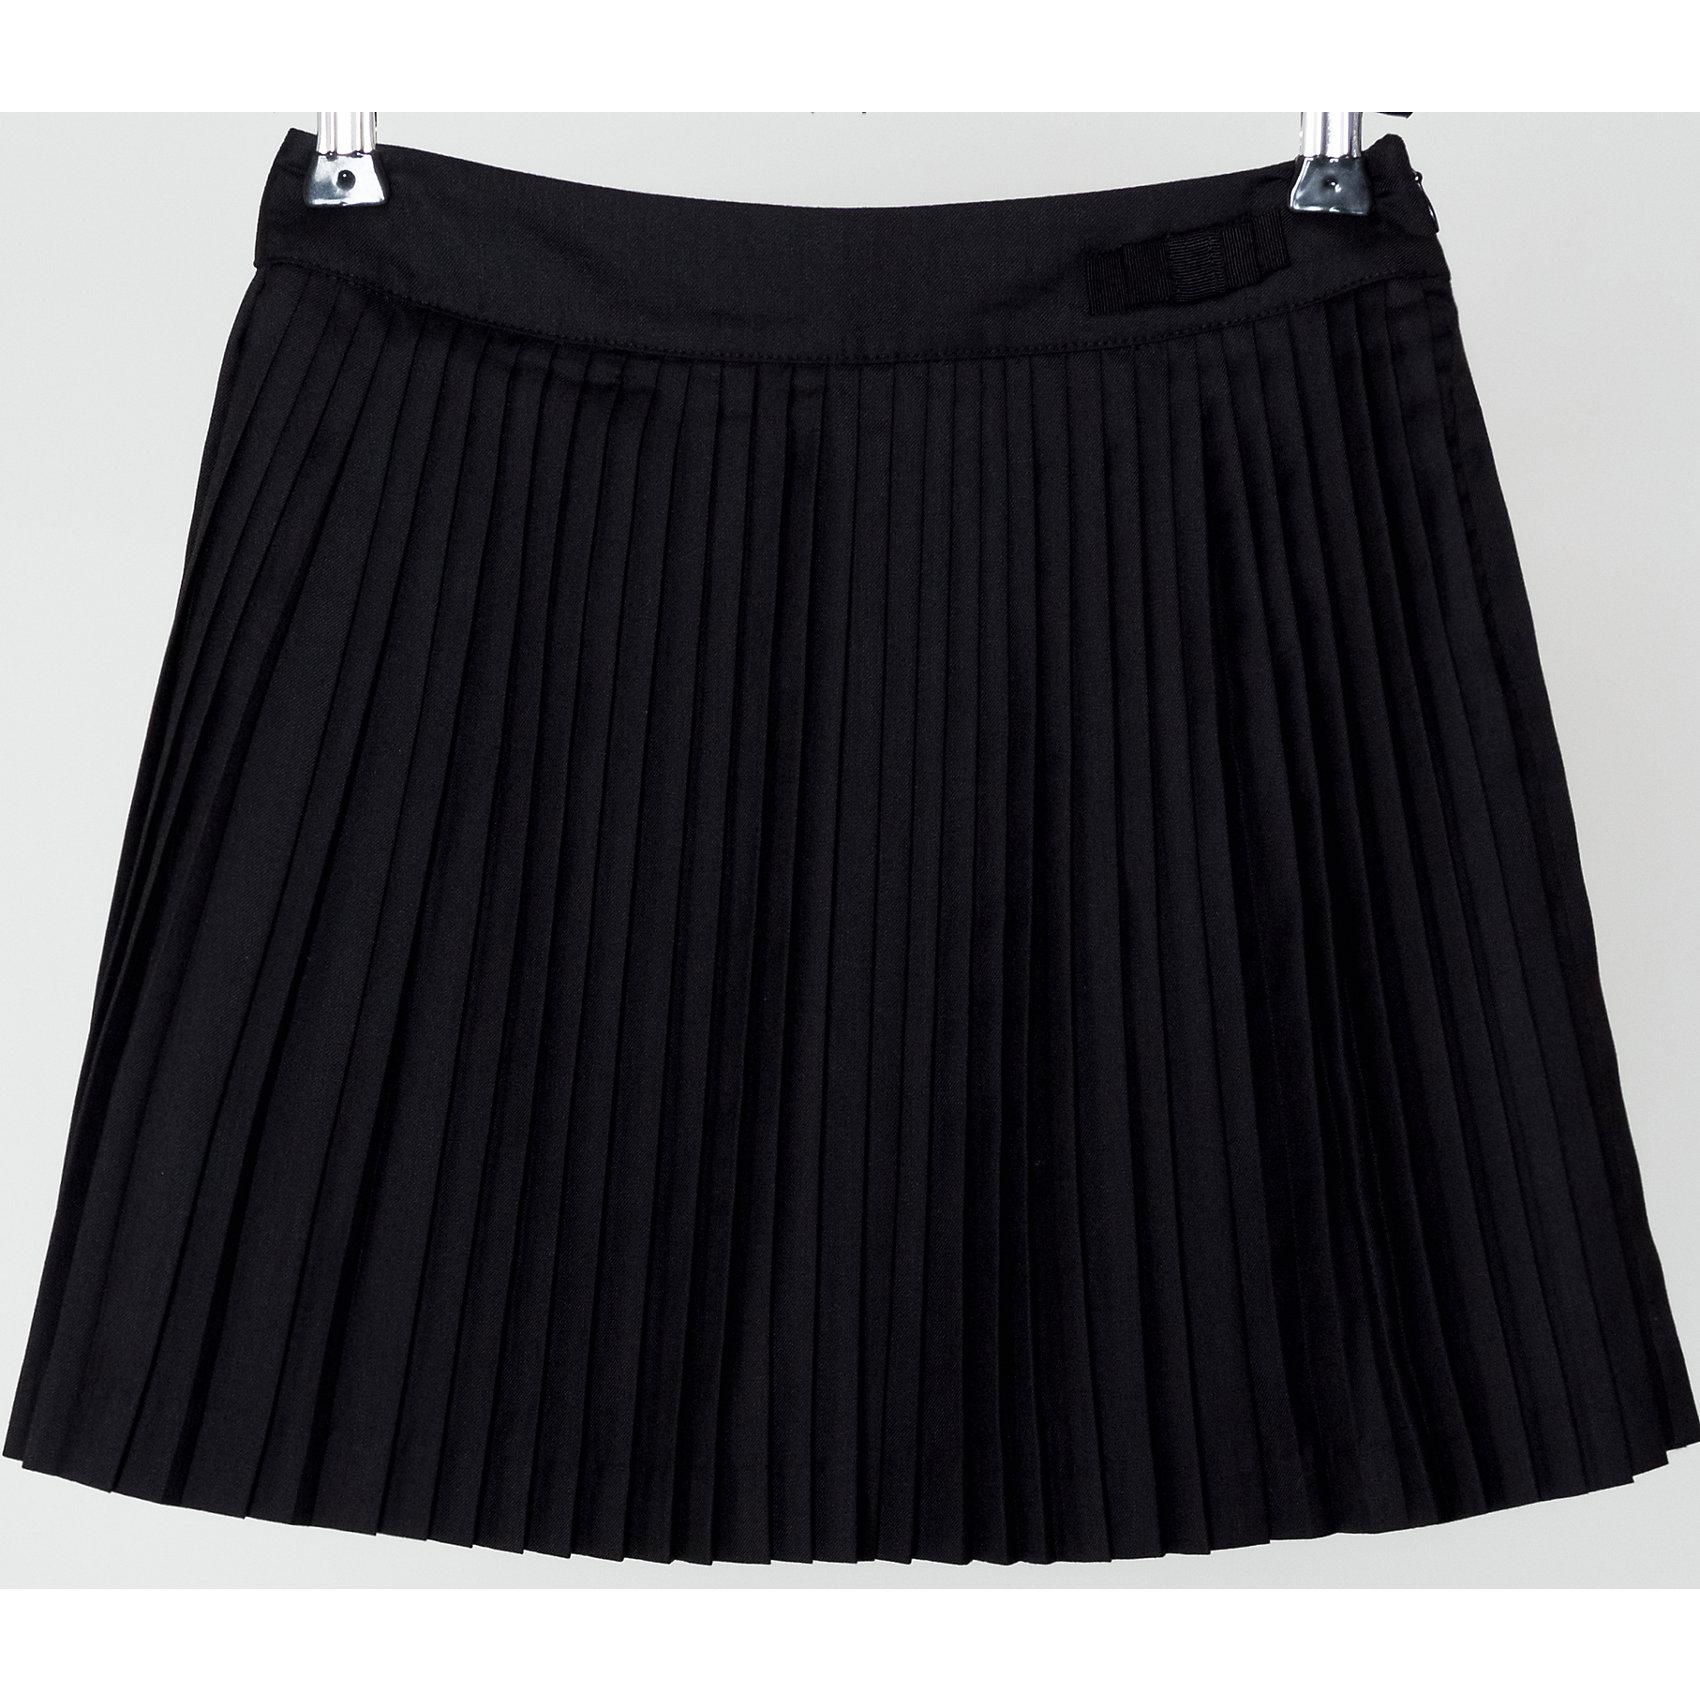 Юбка для девочки SELAЮбки<br>Юбка для девочки из коллекции осень-зима 2016-2017 от известного бренда SELA. Удобная юбка на каждый день идеальна для нового школьного сезона. Стильная школьная плиссированная юбка длинной выше колена классического черного цвета понравится как любительницам нового стиля, так и любительницам классики. В этой юбкой будут хорошо смотреться как блузки, так и свитеры или пиджаки.<br><br>Дополнительная информация:<br>- Длина: выше колен<br>- Силуэт: трапеция<br>Состав: 50% хлопок, 50% ПЭ; подкладка - 100% ПЭ<br><br>Юбку для девочек Sela можно купить в нашем интернет-магазине.<br><br>Подробнее:<br>• Для детей в возрасте: от 6 до 12 лет<br>• Номер товара: 4913338<br>Страна производитель: Китай<br><br>Ширина мм: 207<br>Глубина мм: 10<br>Высота мм: 189<br>Вес г: 183<br>Цвет: черный<br>Возраст от месяцев: 96<br>Возраст до месяцев: 108<br>Пол: Женский<br>Возраст: Детский<br>Размер: 134,116,128,122,152,140,146<br>SKU: 4913337